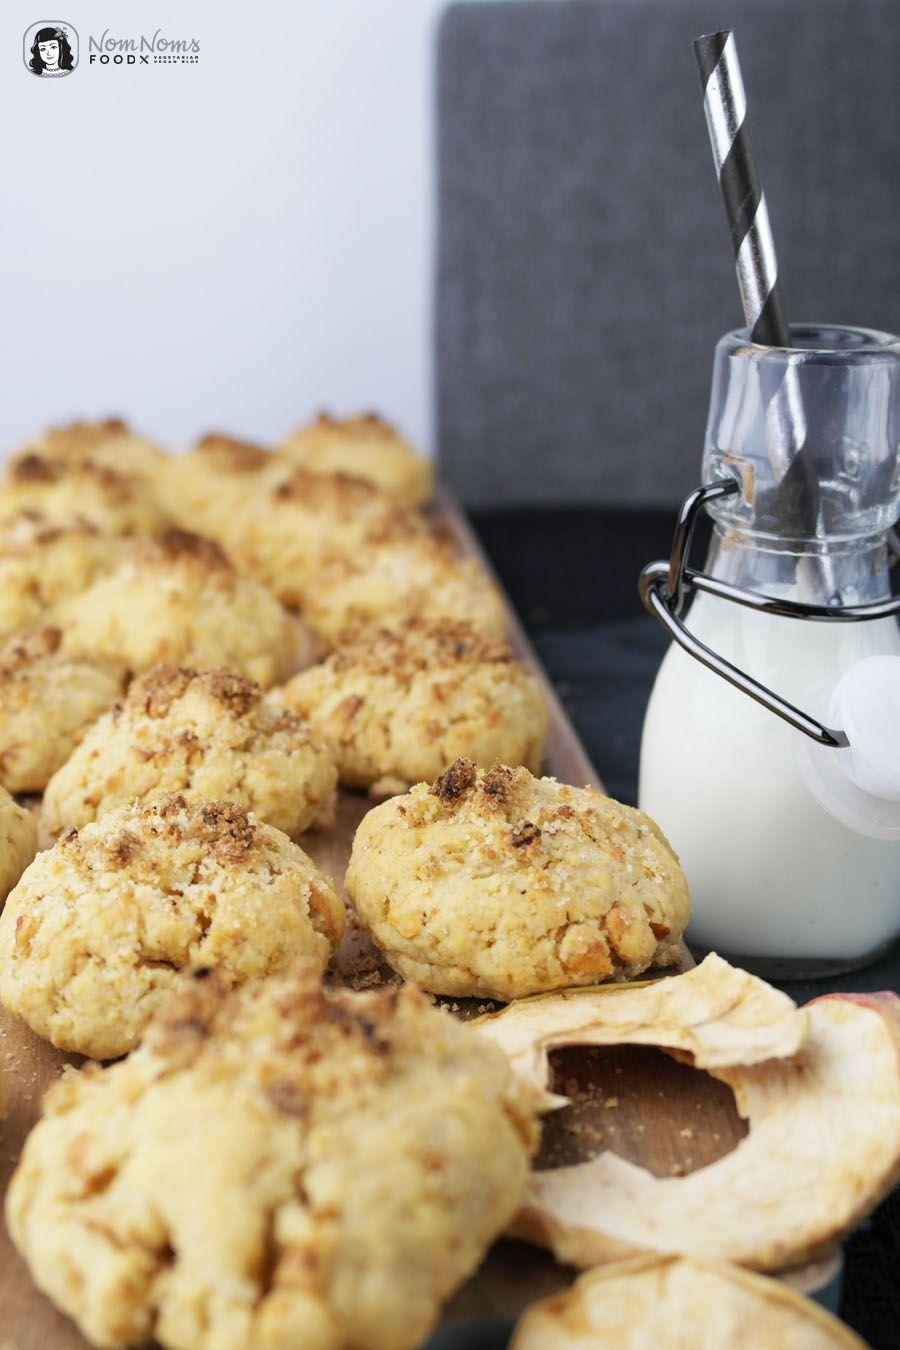 Apfel-Streusel-Kekse nach Jamie Oliver - 5 Zutaten Küche